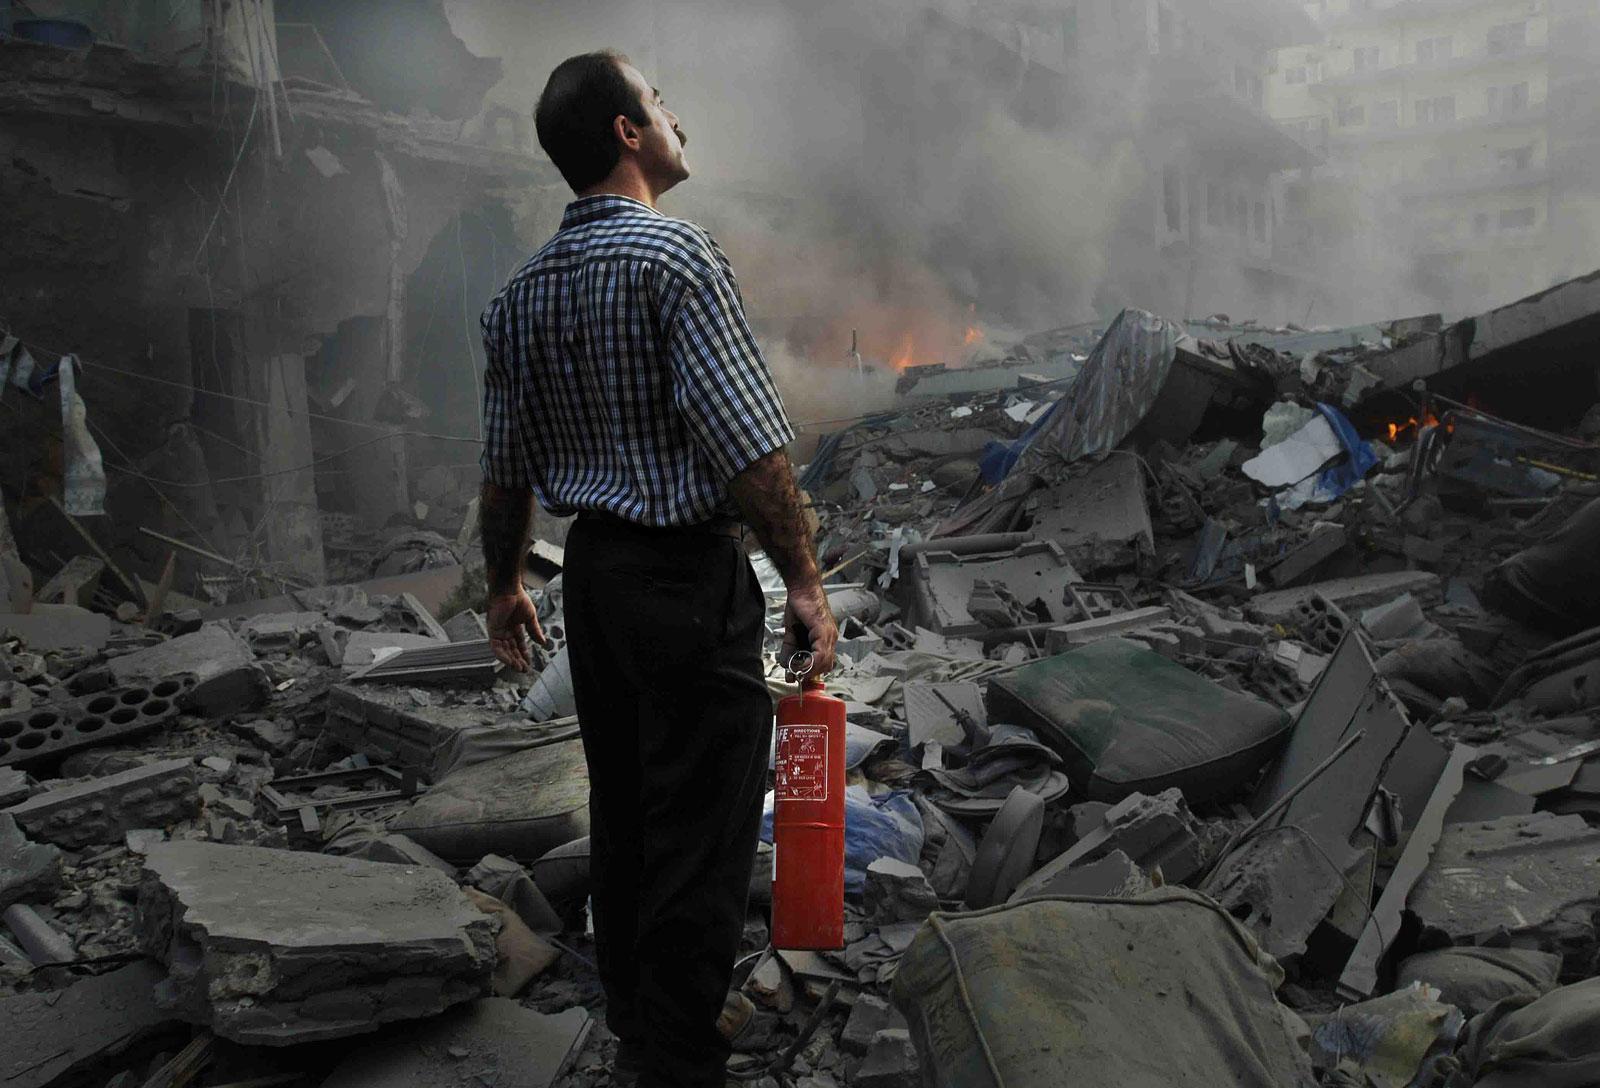 foto: ©Jeroen Oerlemans - Libanon, Tyre (Sur), 26 juli 2006